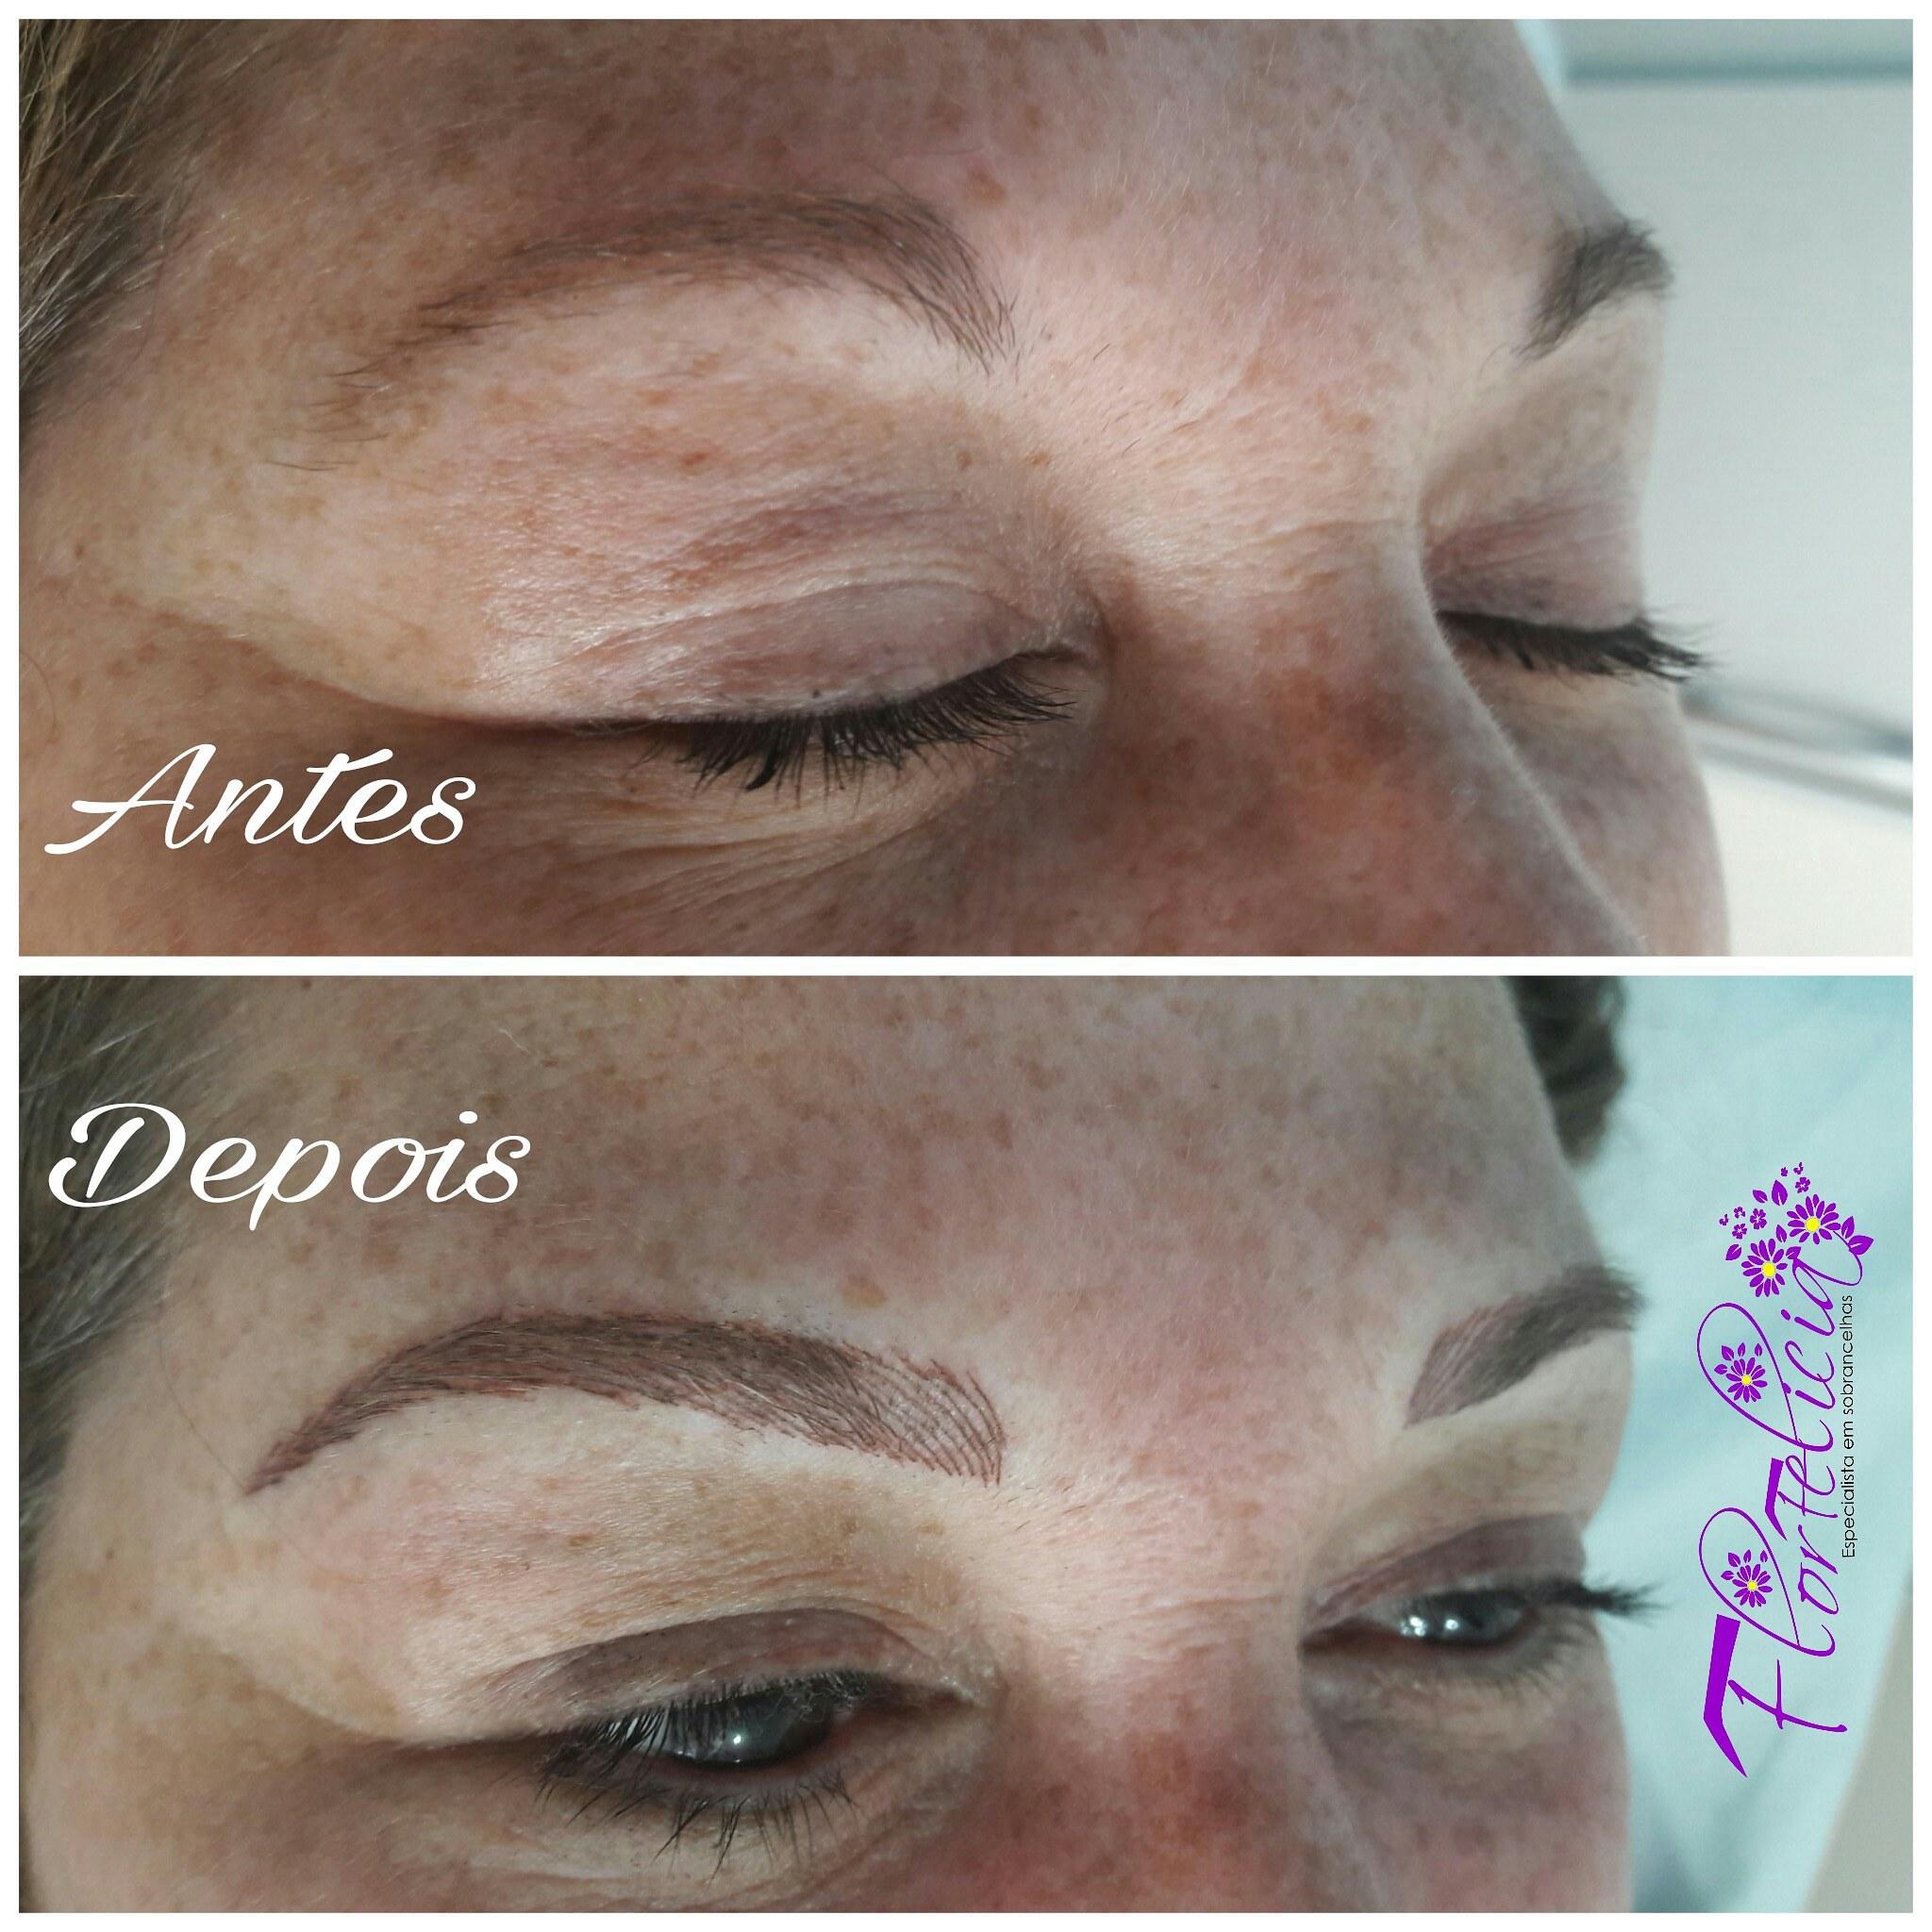 Foi a fio realismo outros dermopigmentador(a) maquiador(a) designer de sobrancelhas docente / professor(a)